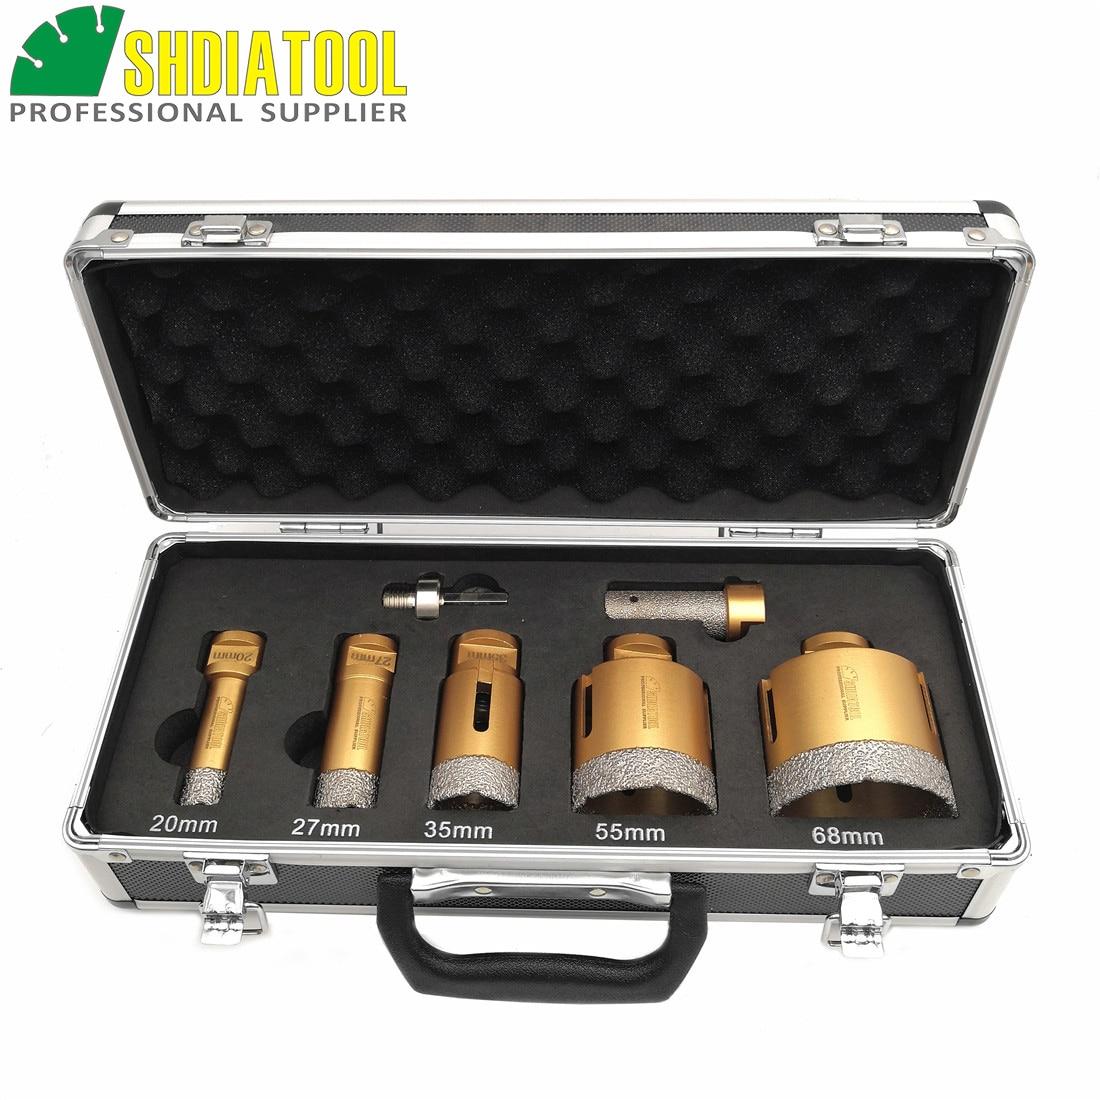 SHDIATOOL 1 juego M14 brocas de núcleo de diamante soldadas al vacío con caja Dia20/27/35/55/68mm adaptador de sierra de agujero de cerámica de mármol